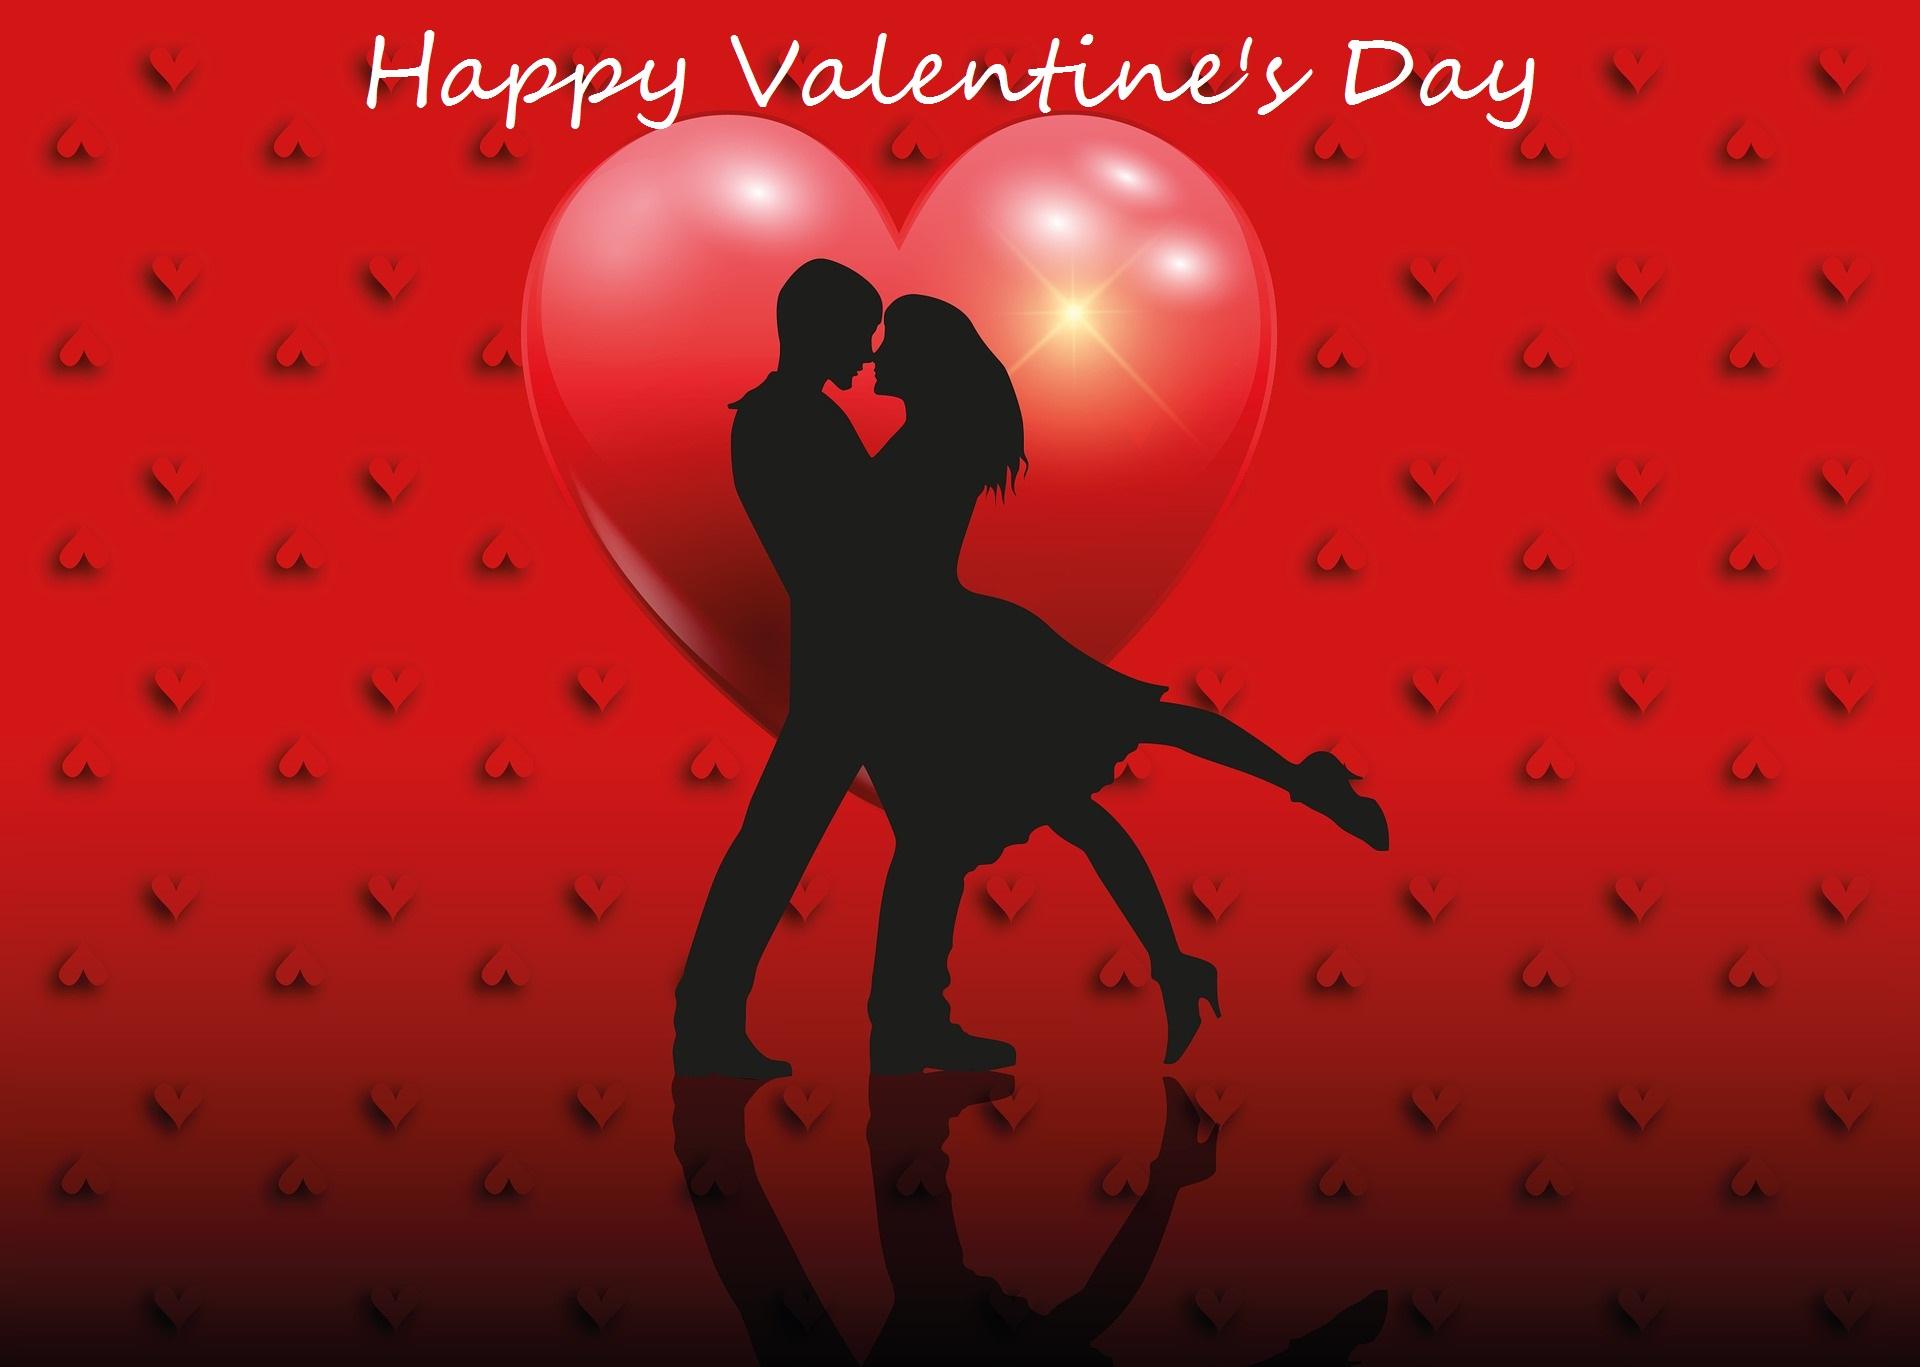 2016 Valentine's Day